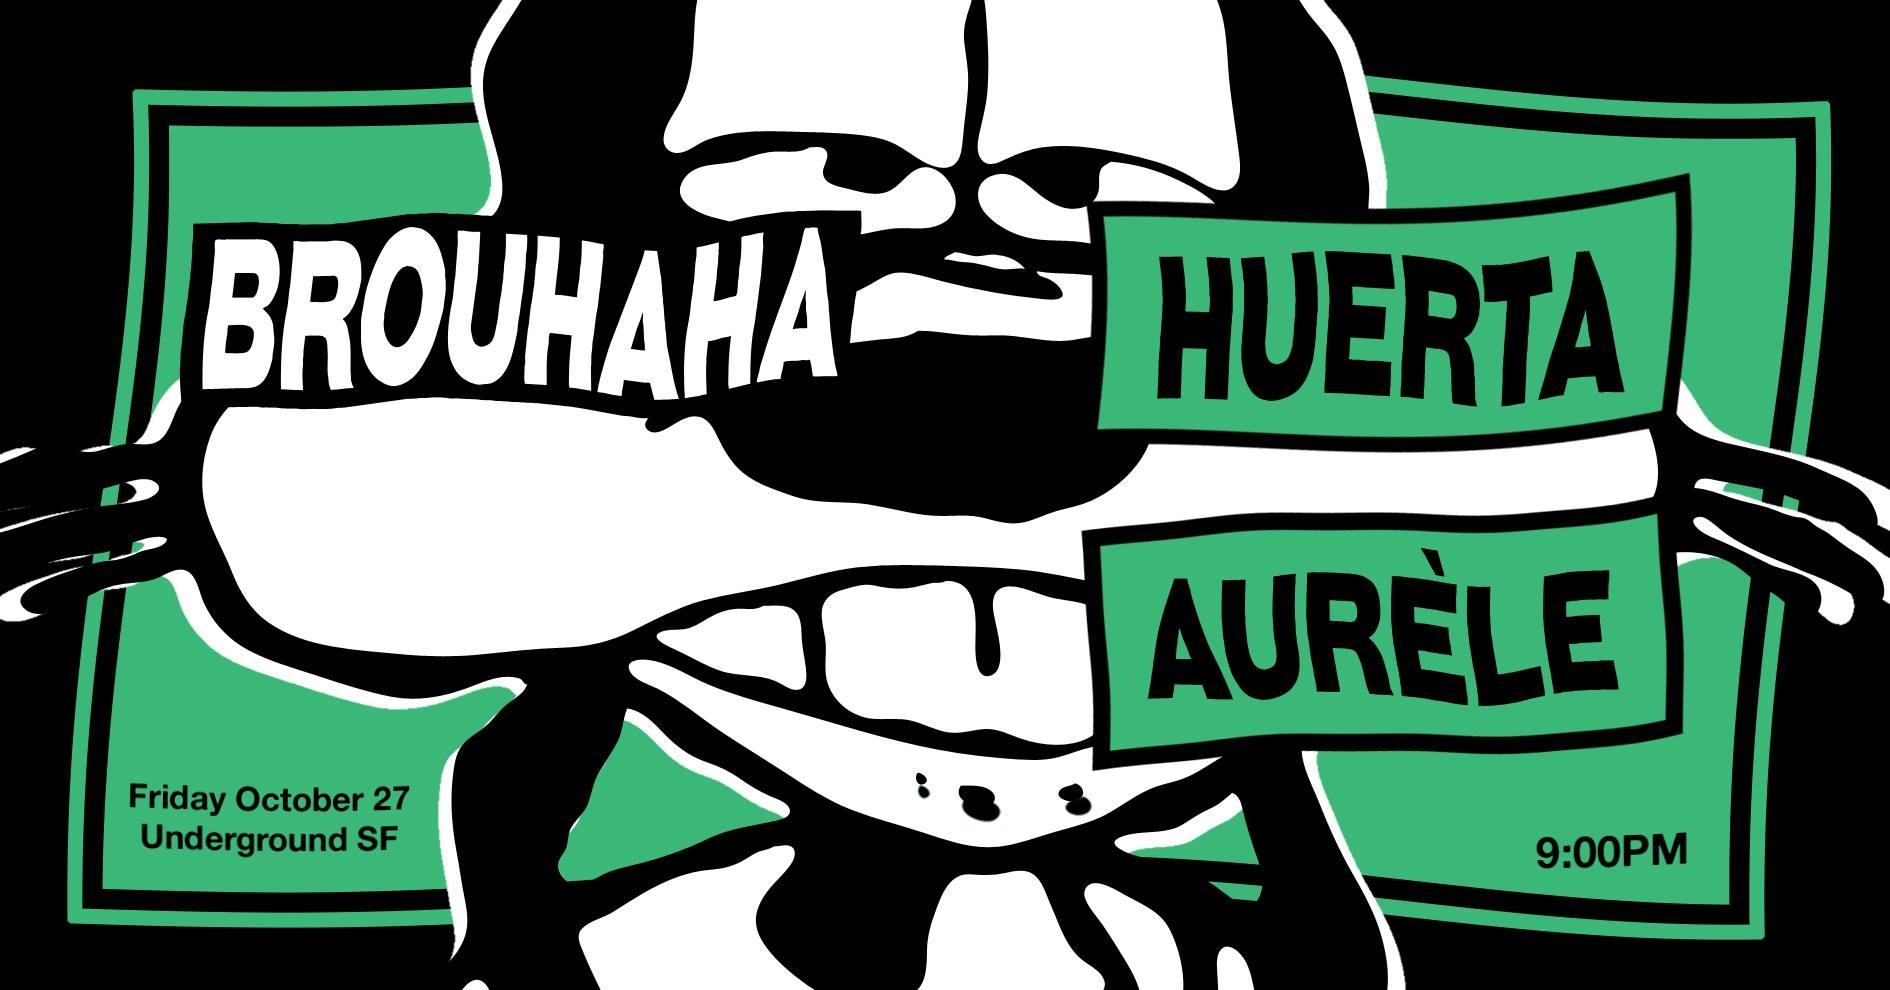 Brouhaha w/ Huerta & Aurele